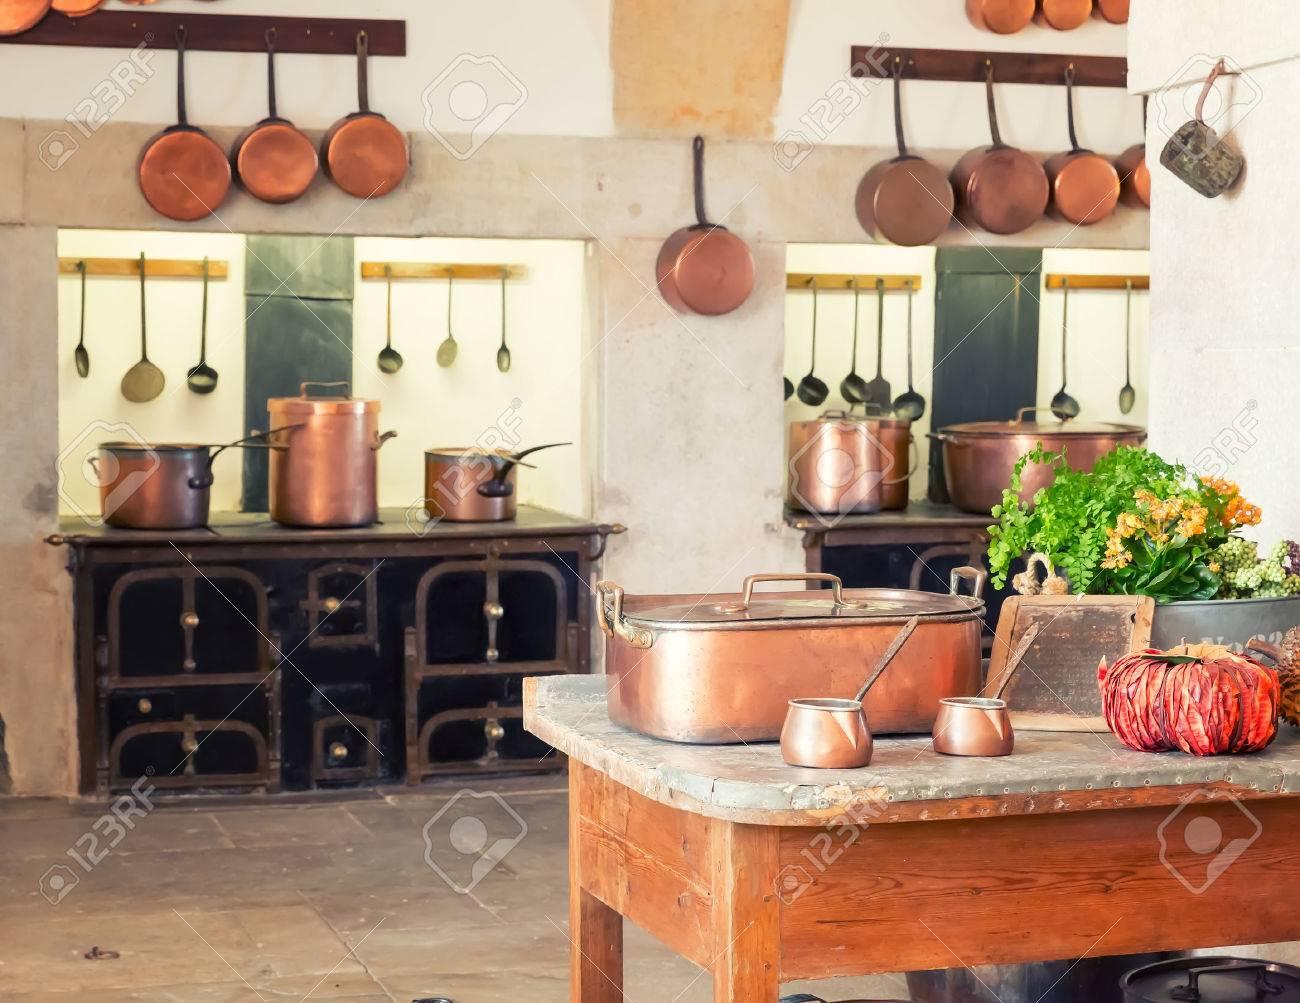 Kitchen interior with vintage kitchenware - 47429586